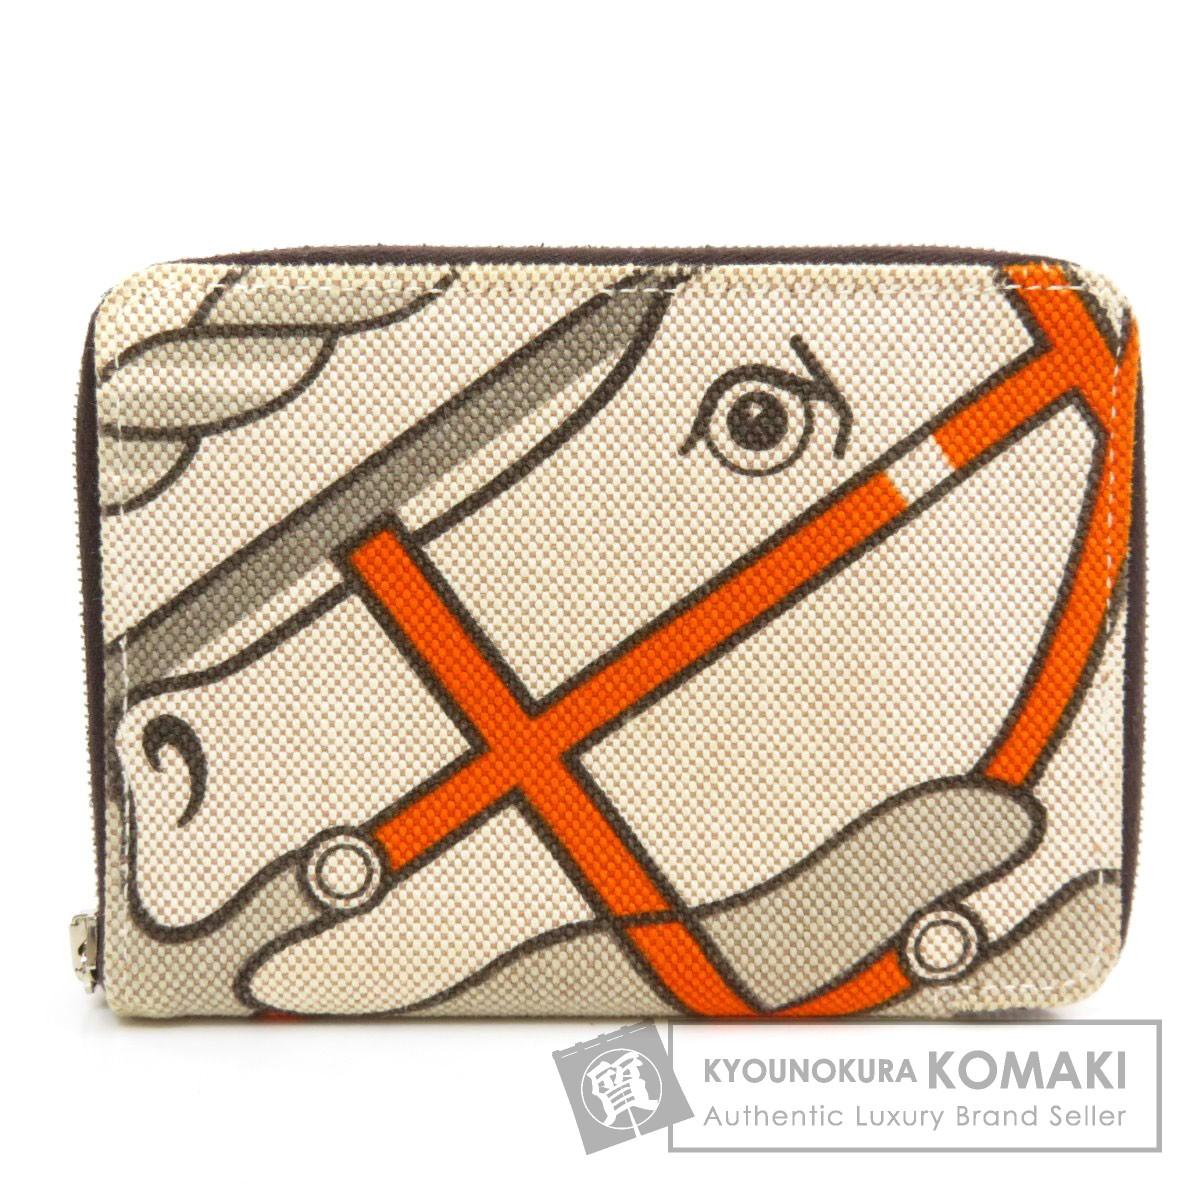 エルメス スティープルPM 二つ折り財布(小銭入れあり) キャンバス レディース 【中古】【HERMES】